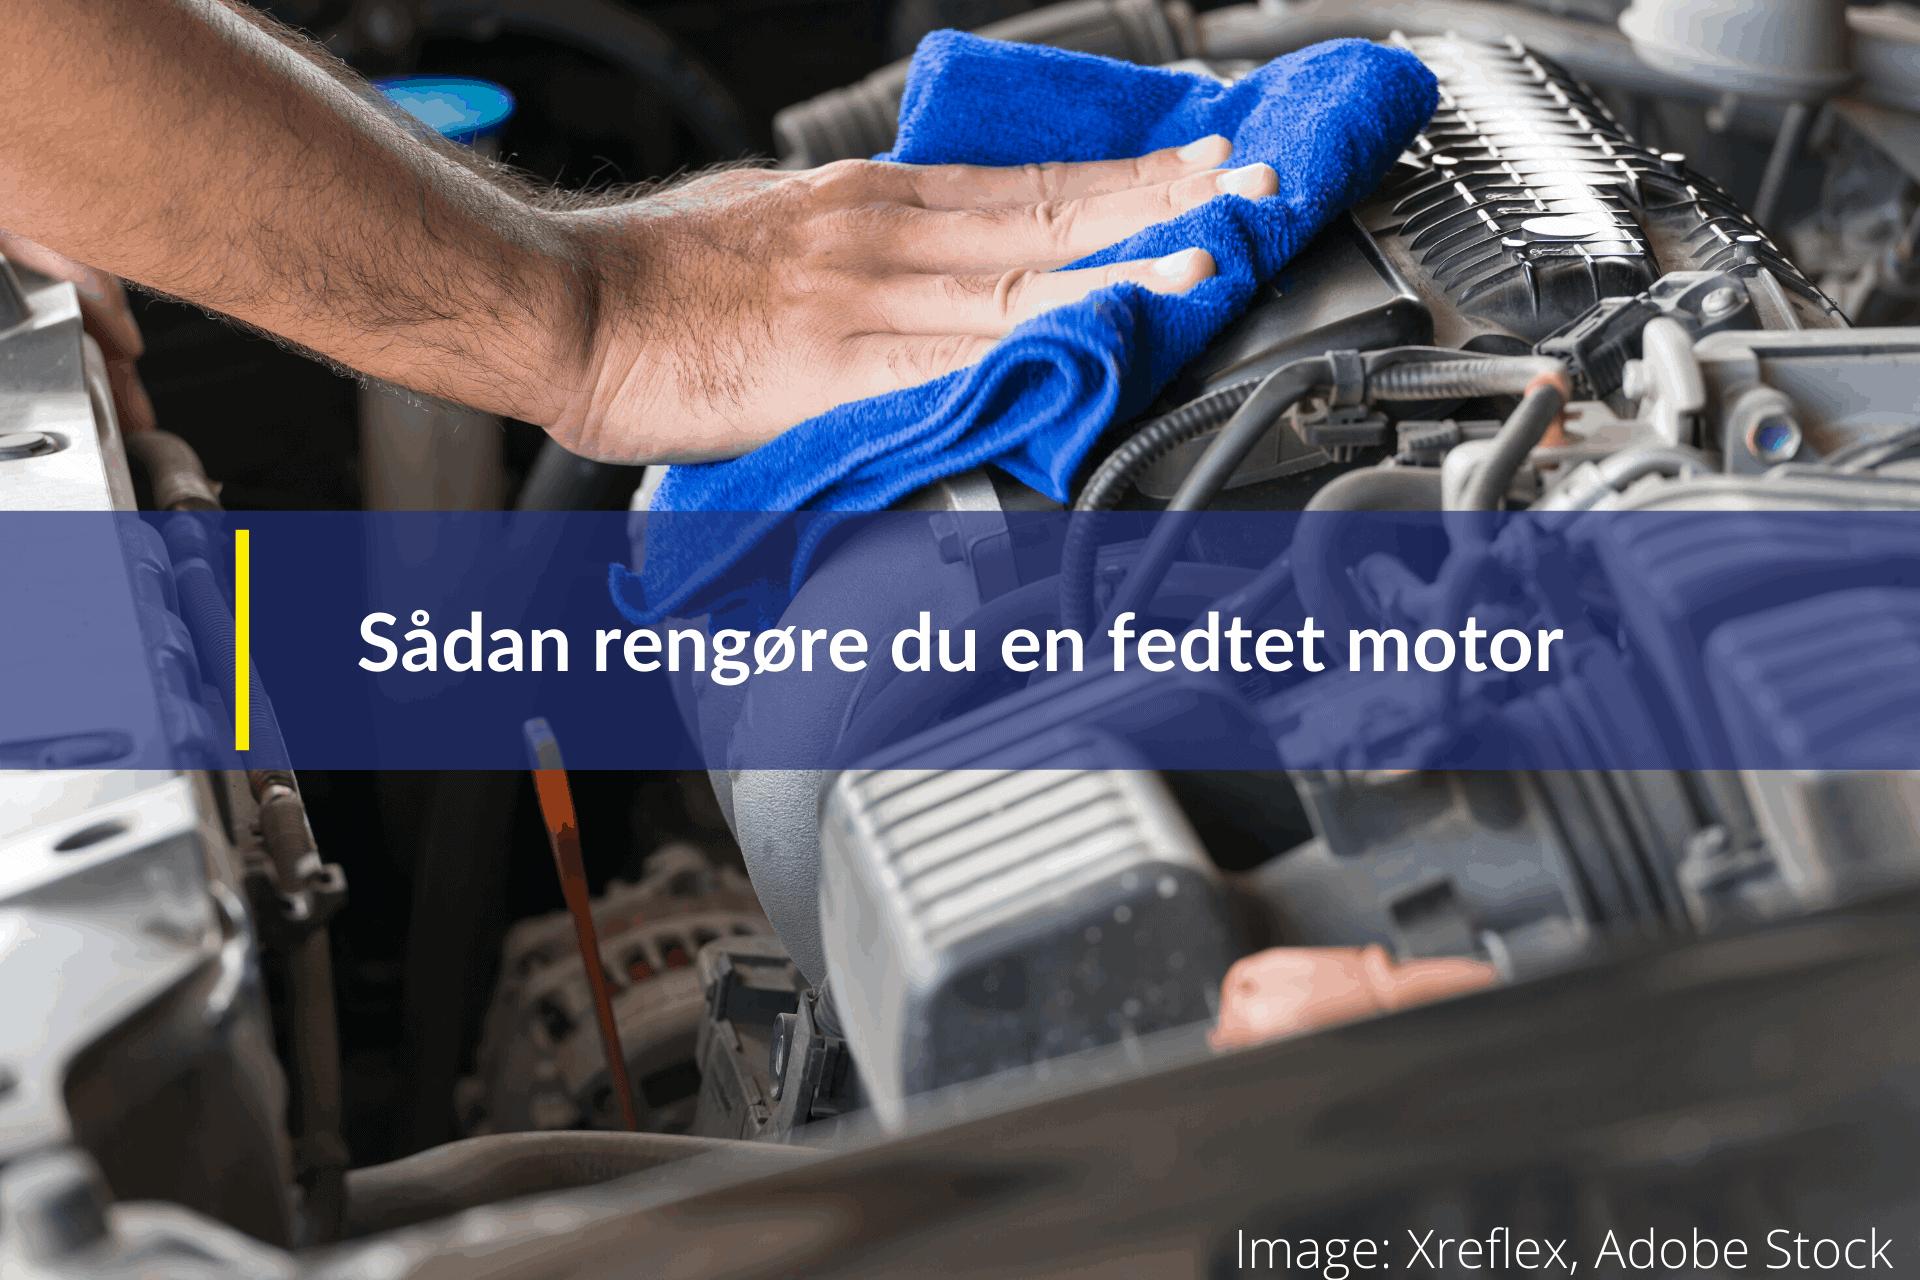 sådan rengøre du en fedtet motor